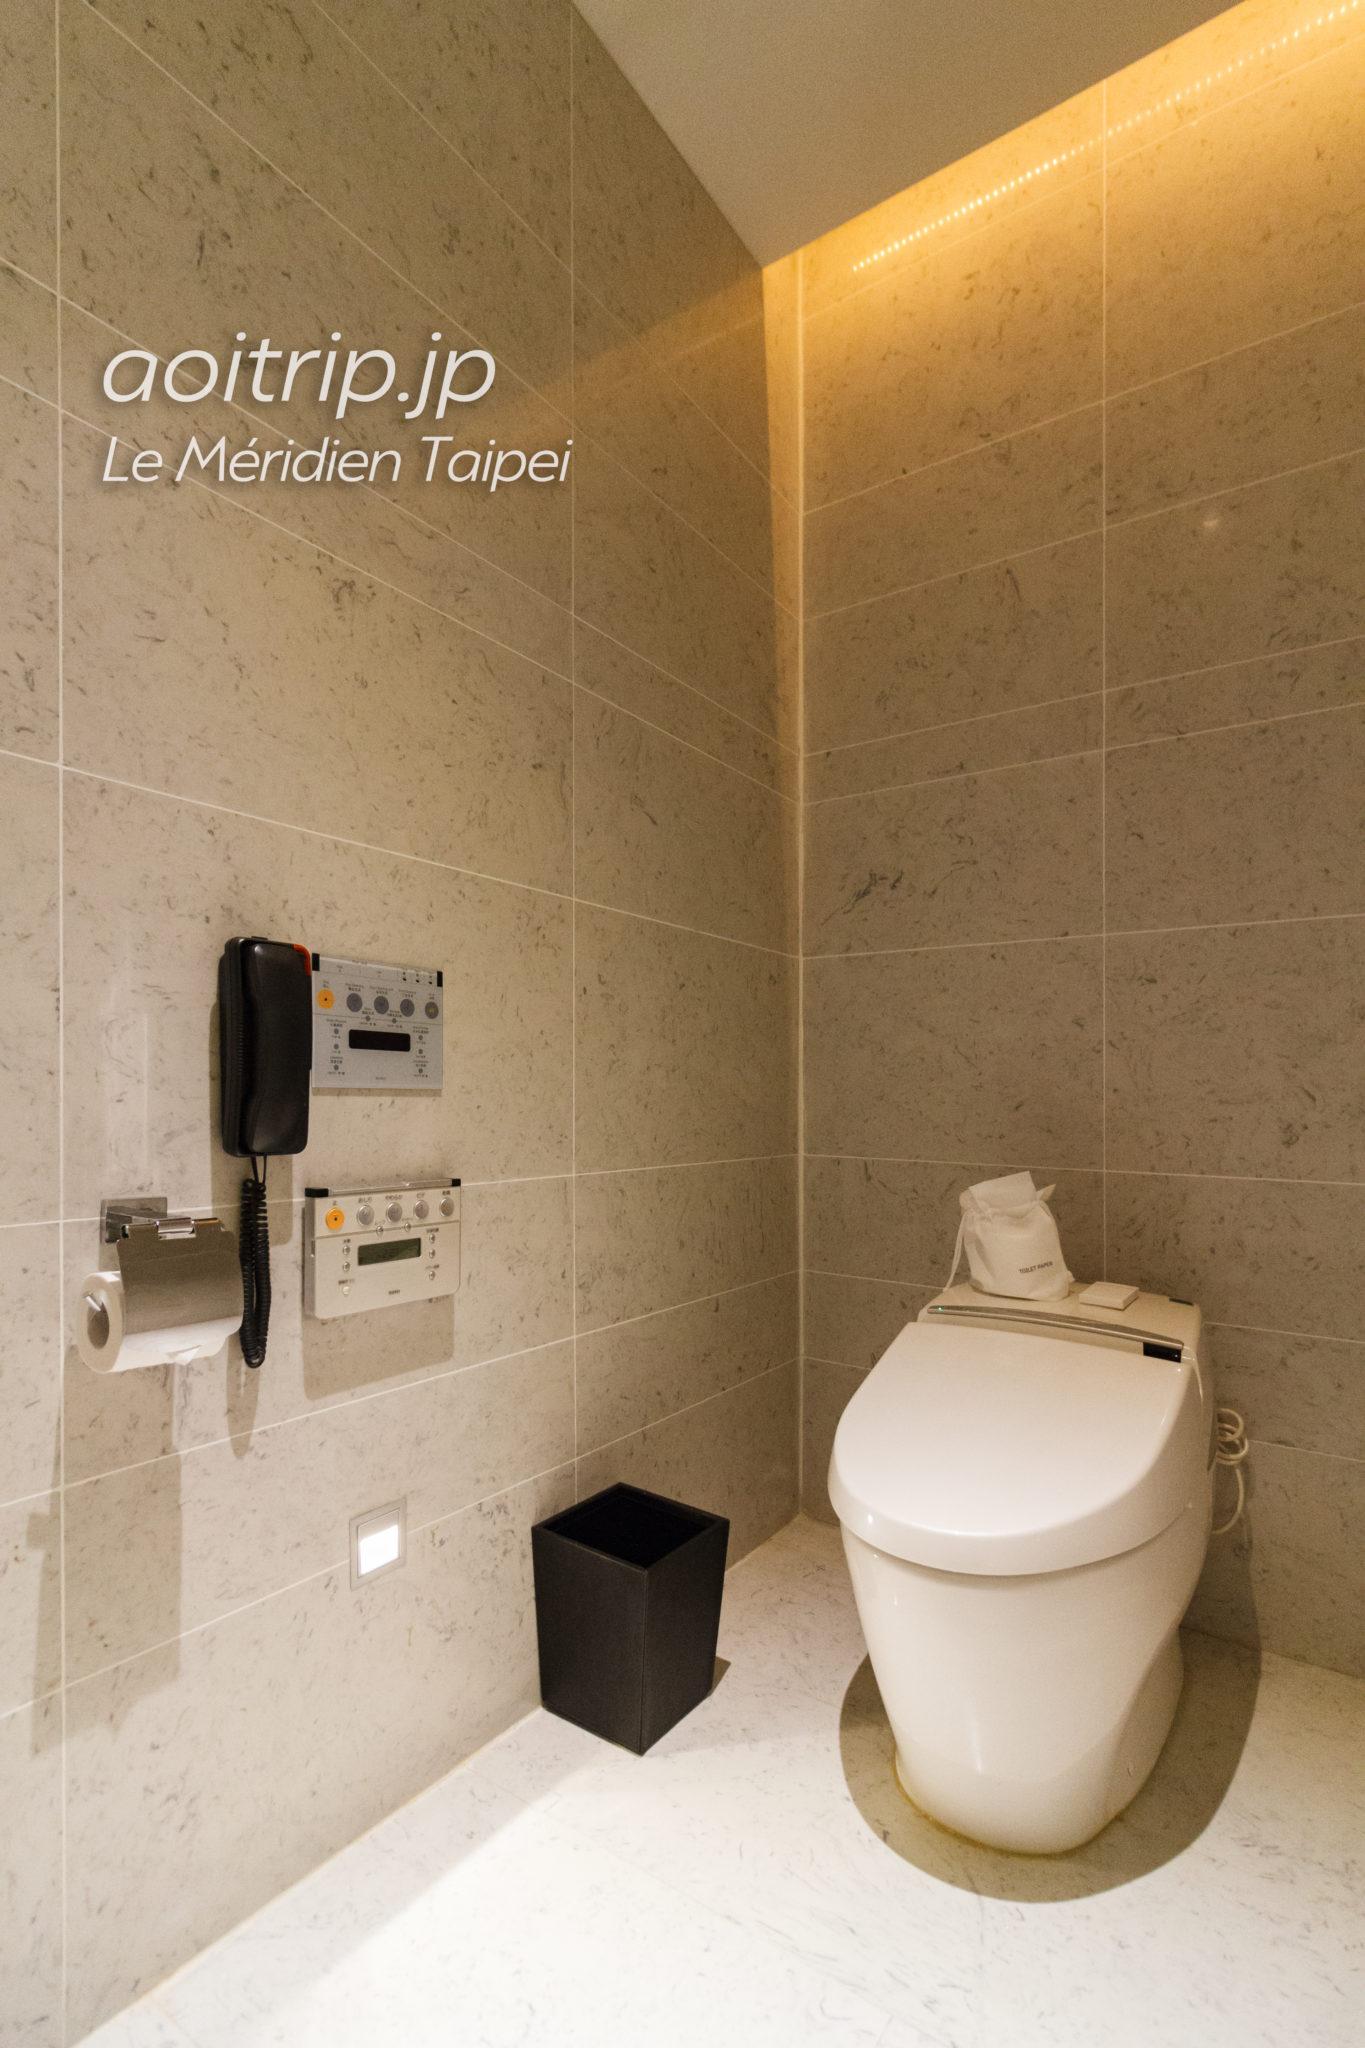 ルメリディアン台北のジュニアスイート トイレ